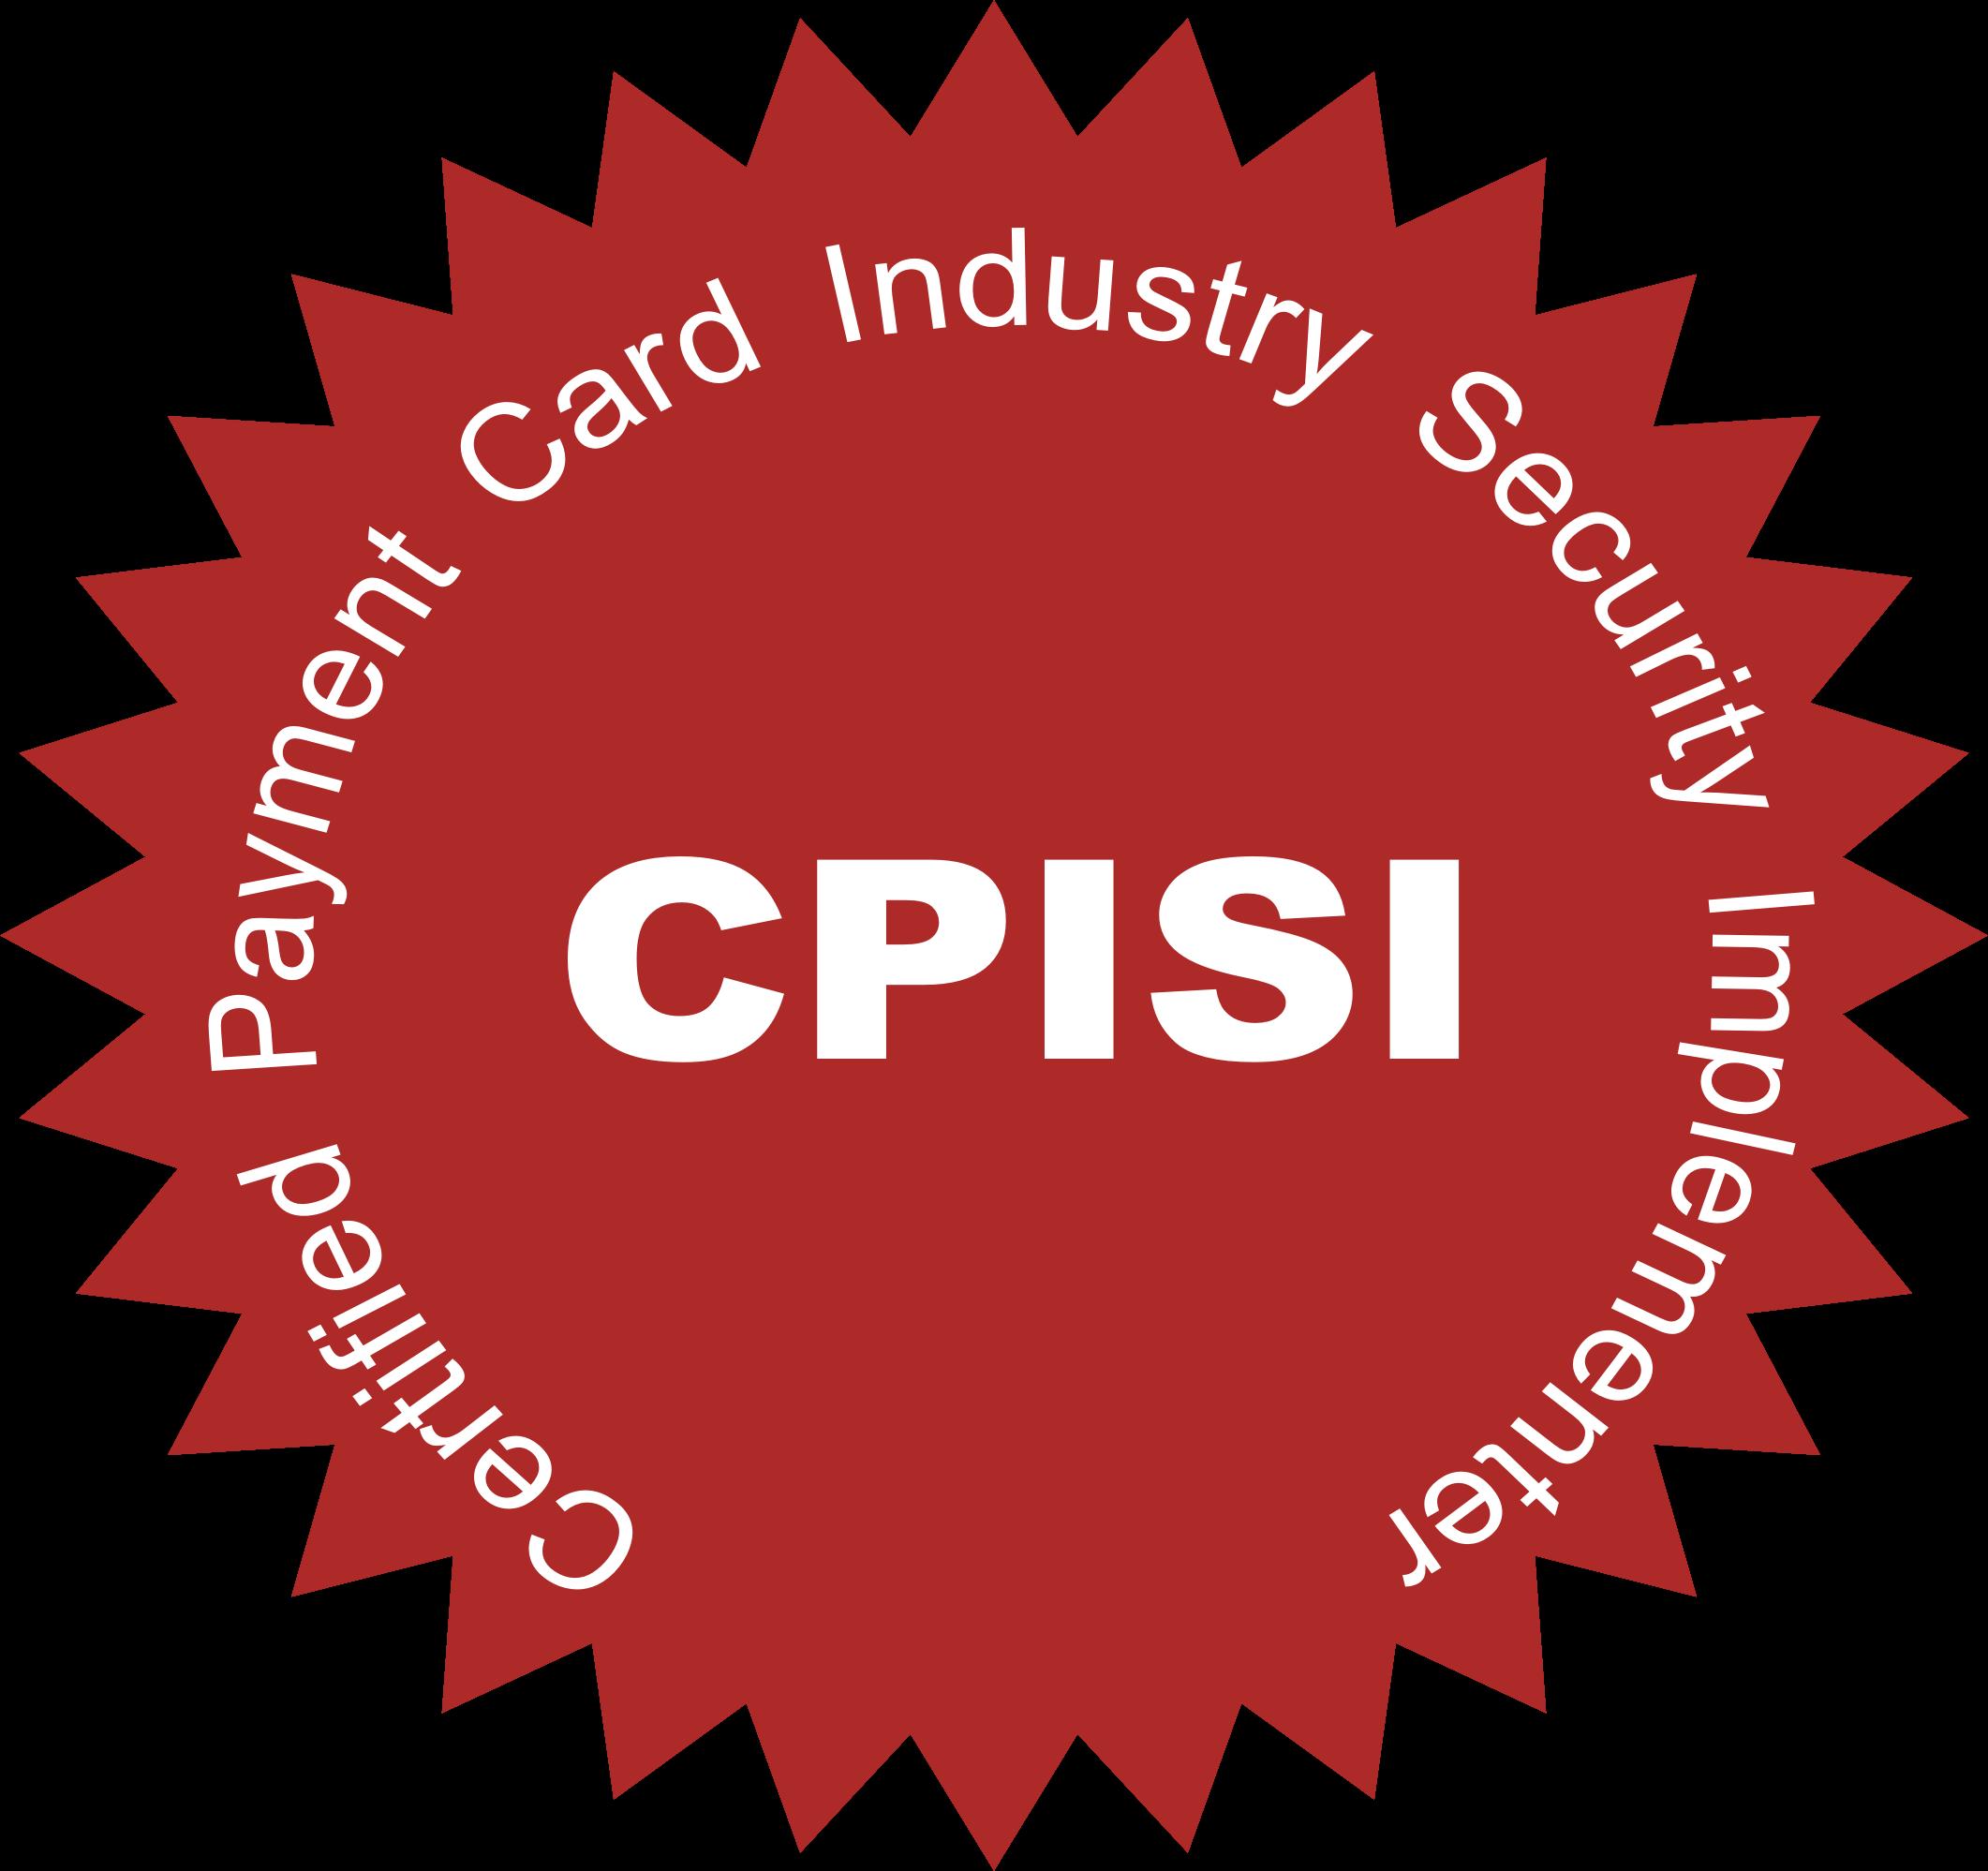 https://www.novalnet-solutions.com/wp-content/uploads/2021/07/CPISI_Registered_Logo_v21.png